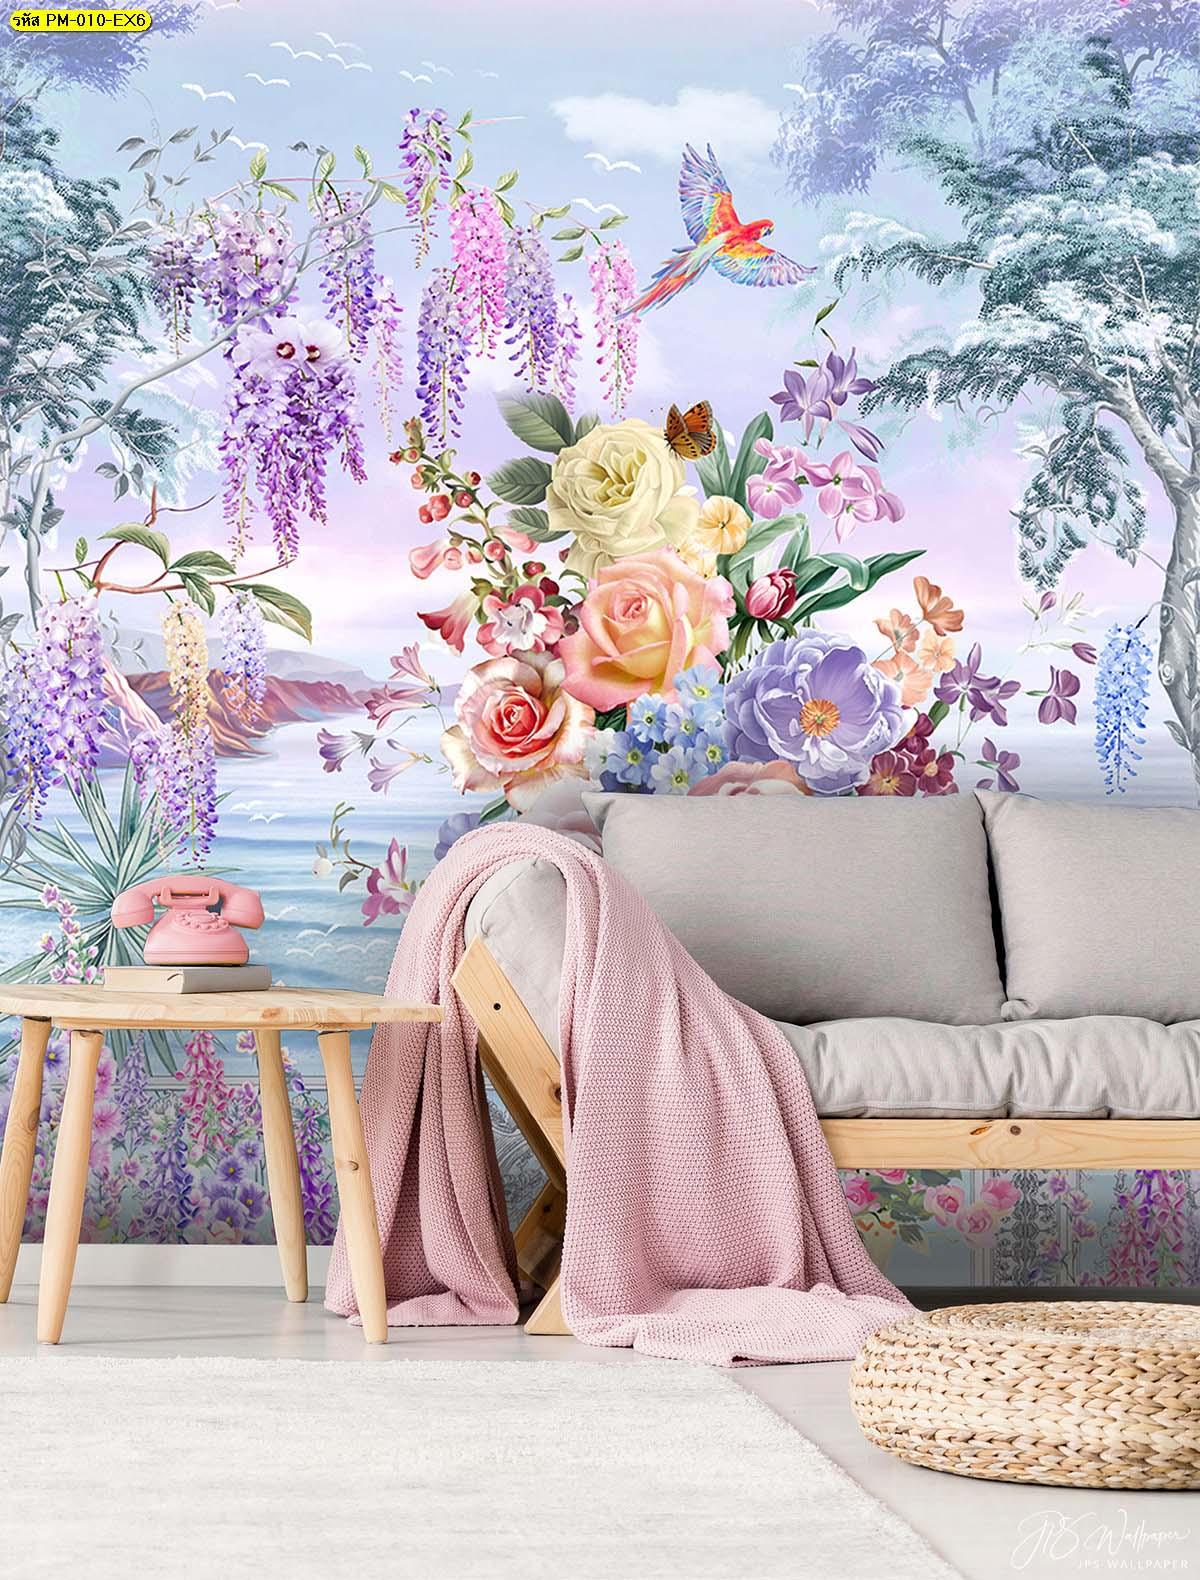 วอลเปเปอร์ติดห้องนั่งเล่นพรีเมี่ยมลายสวนดอกไม้ริมทะเลสีม่วง ภาพสั่งพิมพ์ขนาดใหญ่